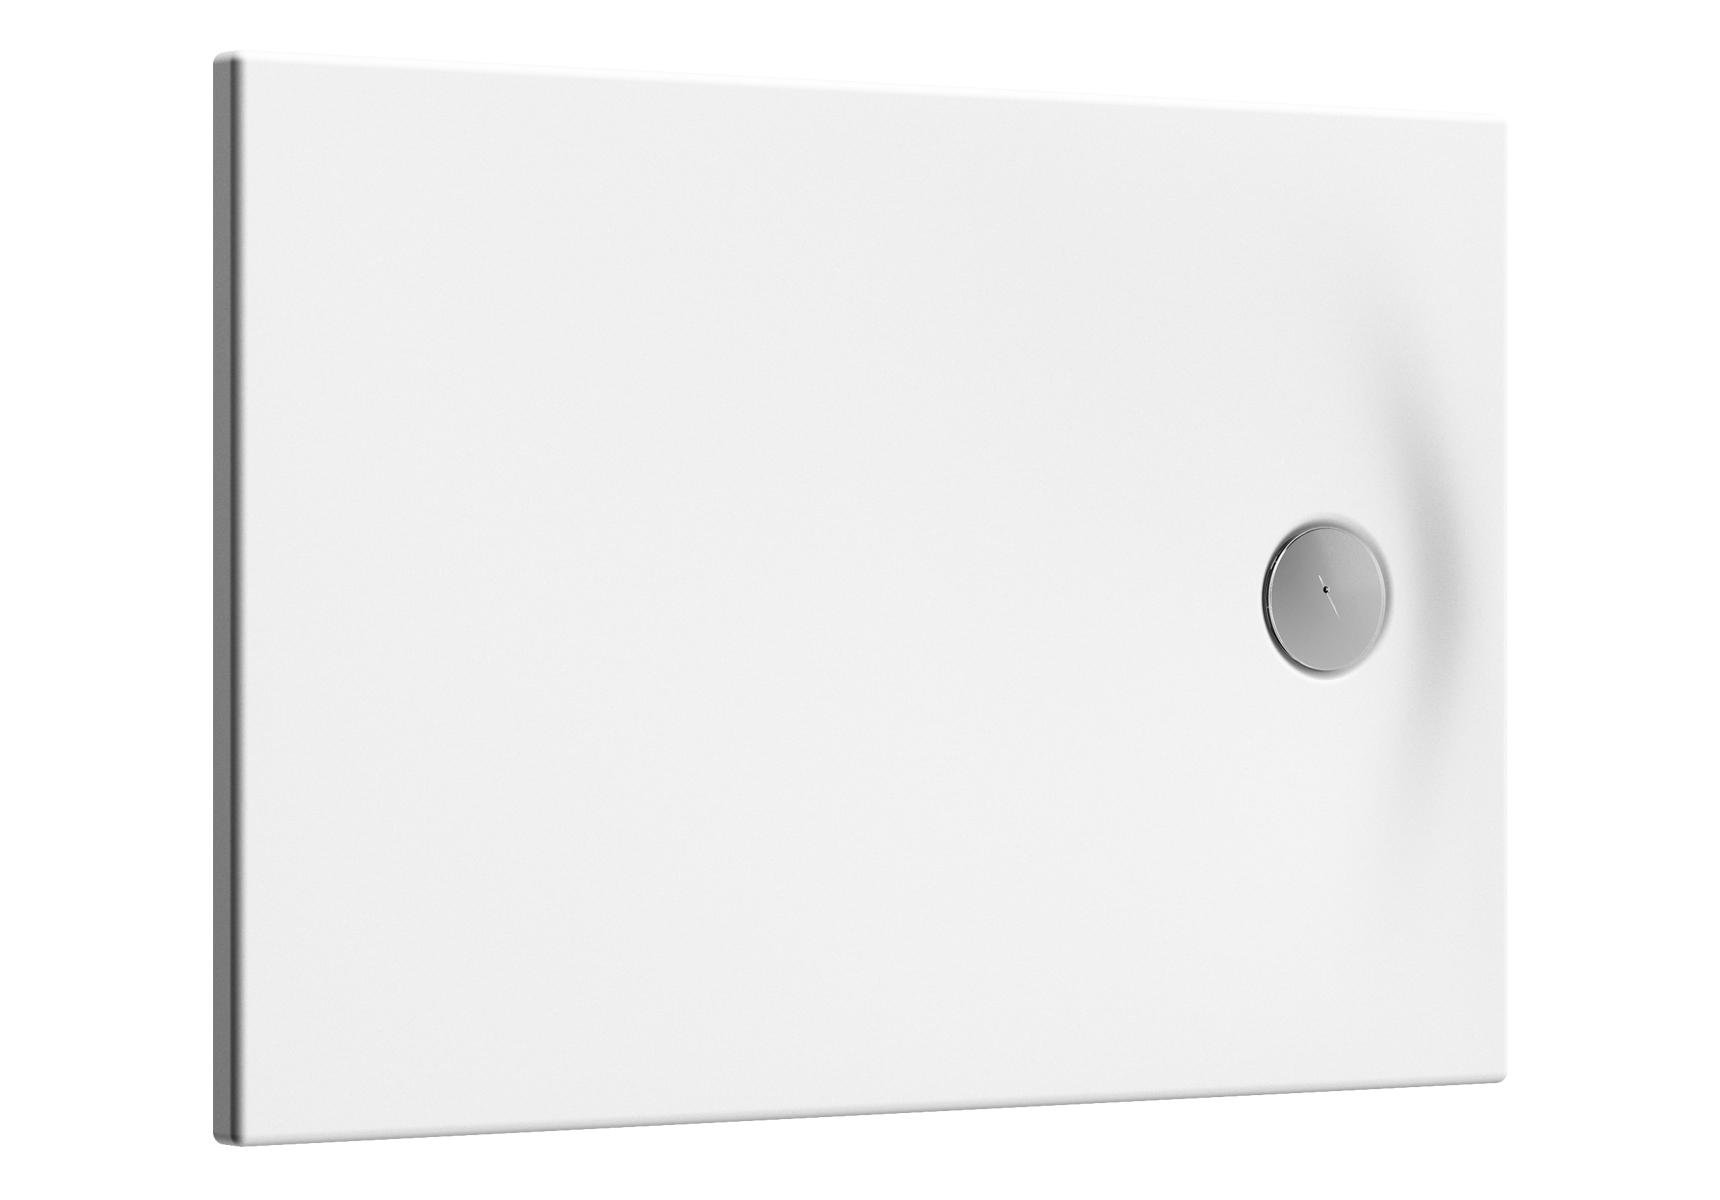 Smooth receveur ultra plat en acrylique, 3,2 mm, à encastrer ou à poser, rectangulaire, 110  x  70 cm